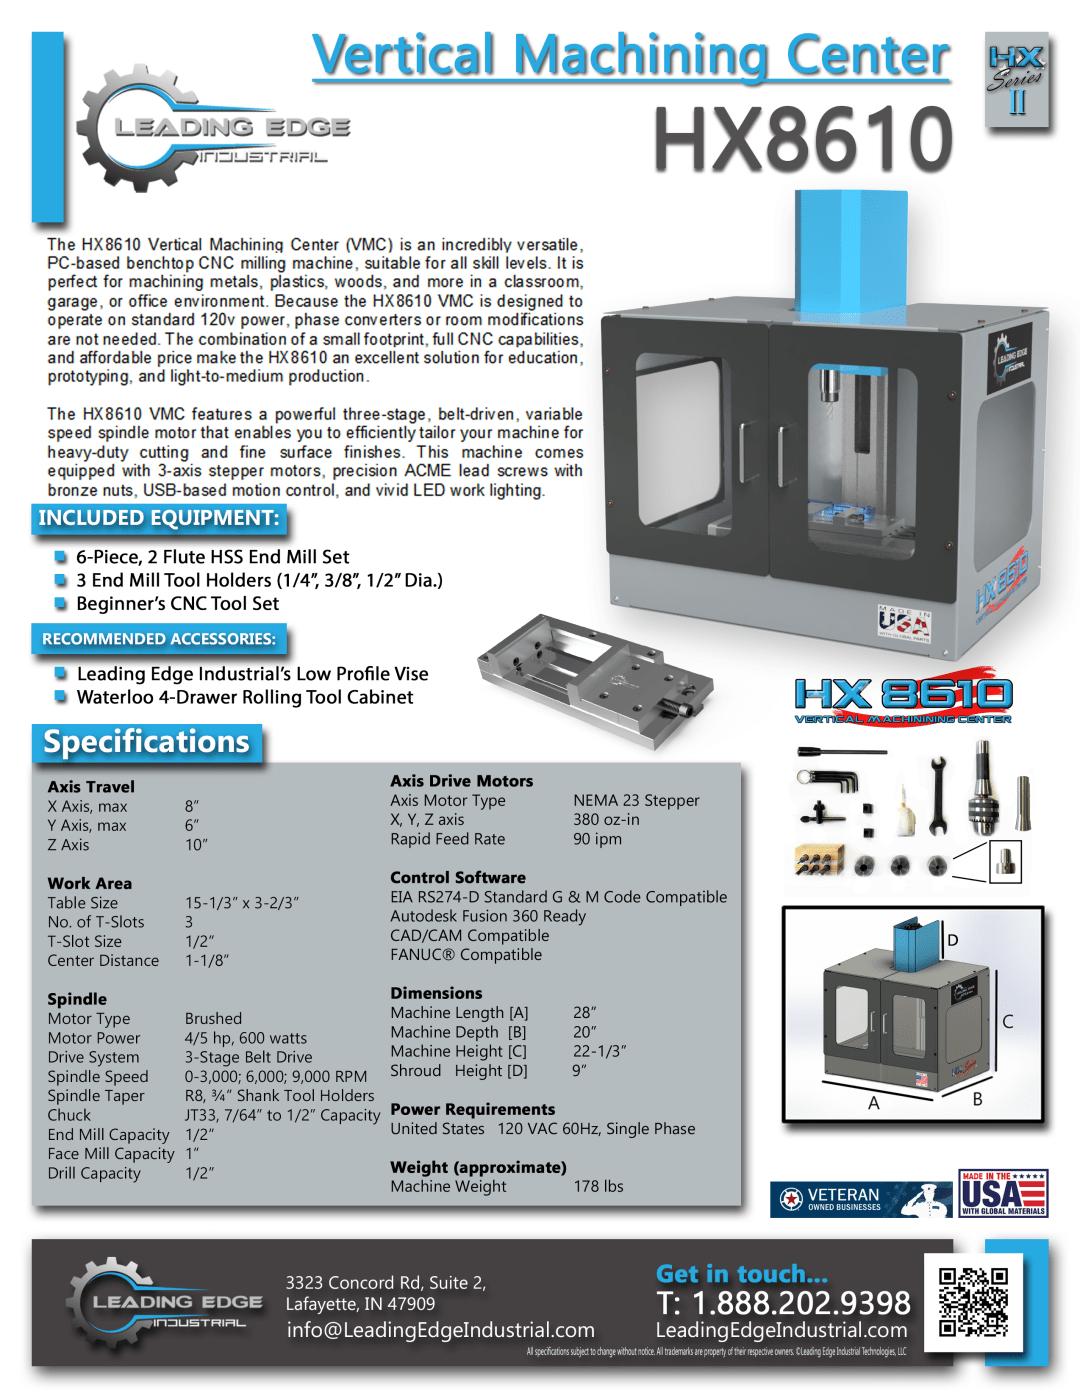 HX8610 Vertical Machining Center (HX8610 VMC) HX Series II CNC